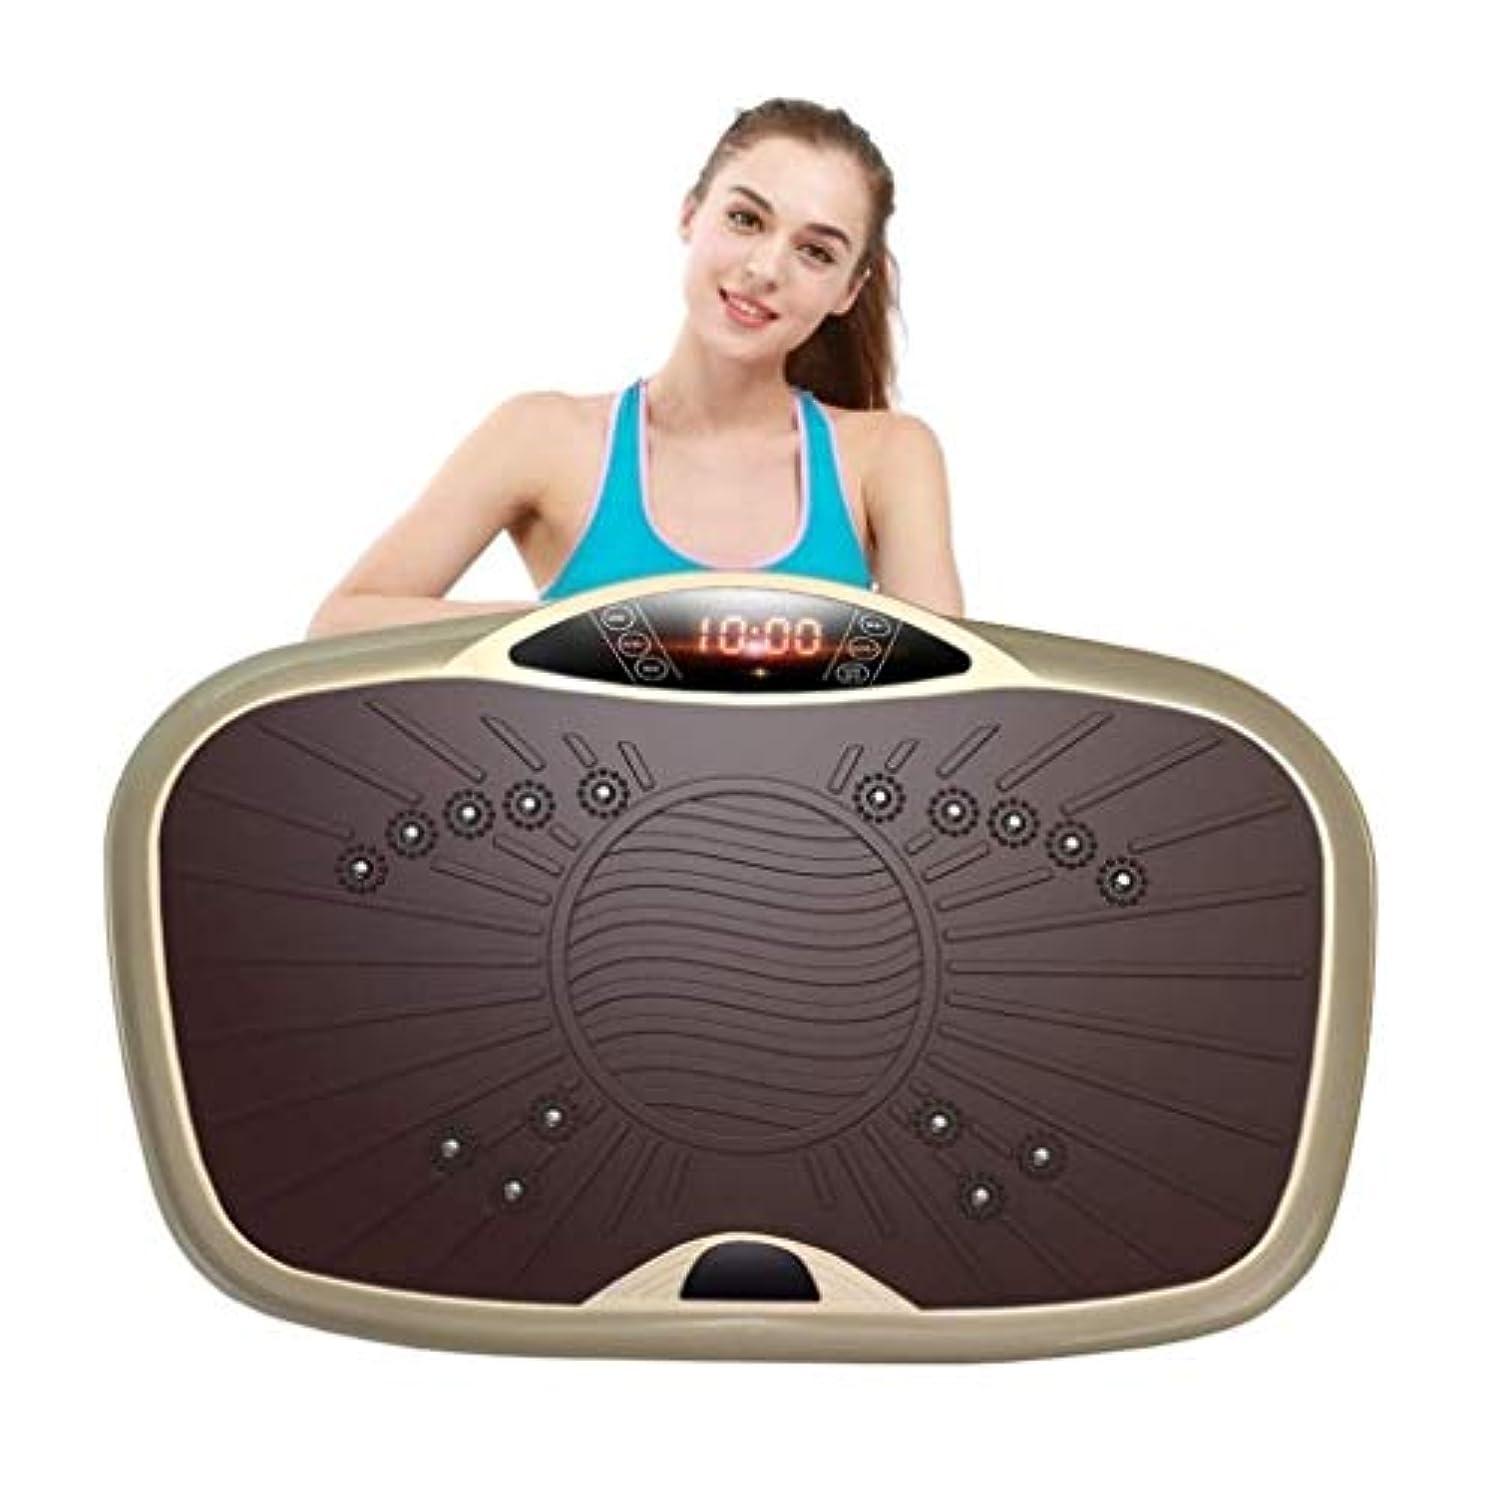 ベンチ職人製品減量装置、体力振動トレーナーエクササイズパワープレート、99レベルの速度でジムホームオフィスで脂肪体の調子を失う (Color : ゴールド)